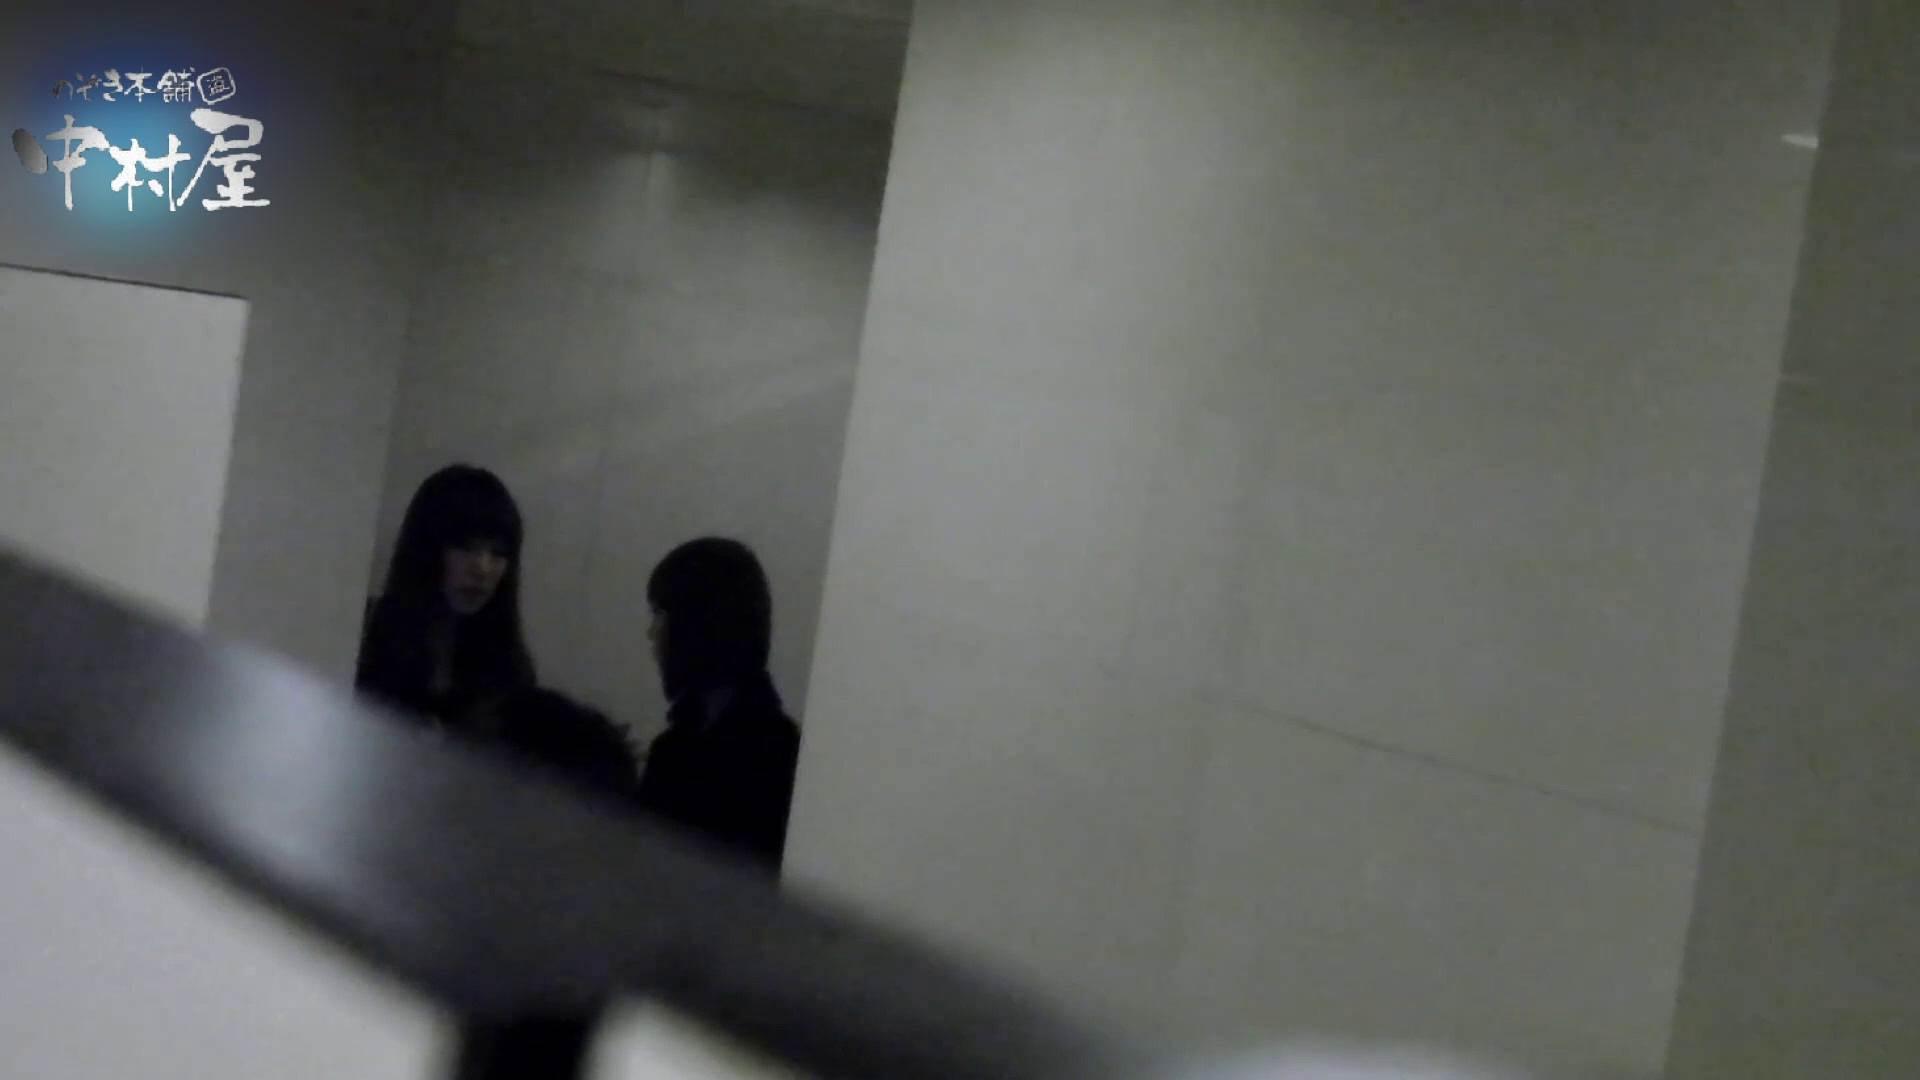 乙女集まる!ショッピングモール潜入撮vol.01 ロリ 盗み撮り動画キャプチャ 101画像 22